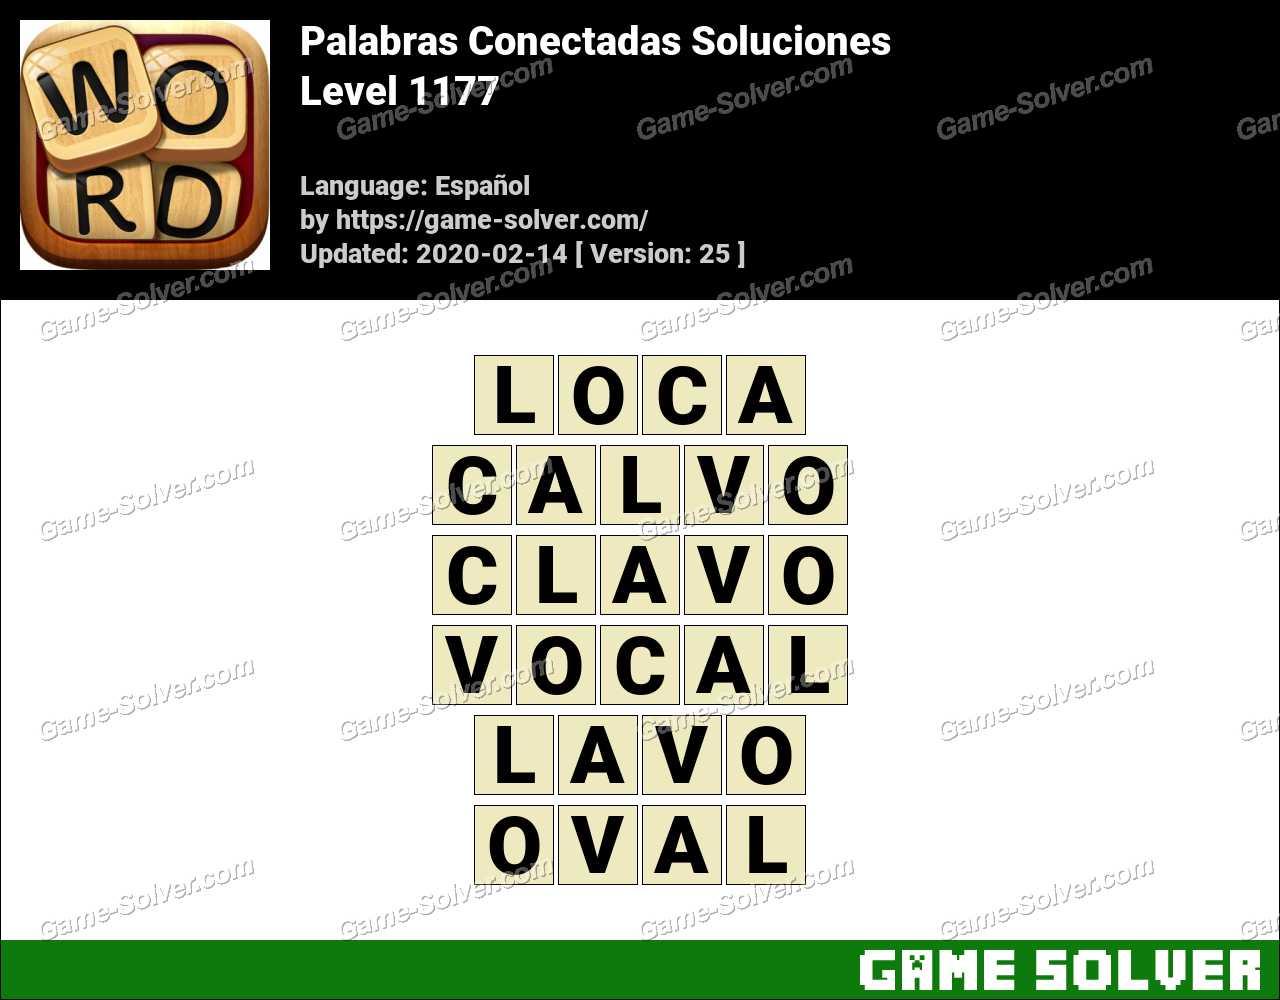 Palabras Conectadas Nivel 1177 Soluciones